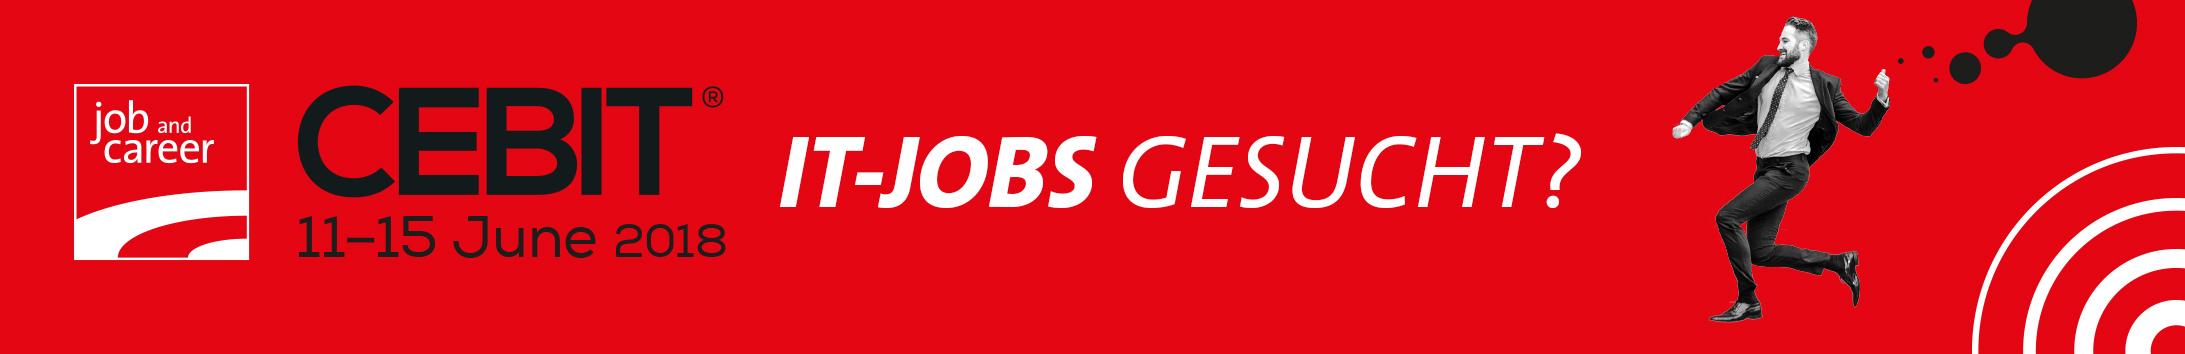 http://www.cebit.job-and-career.de/